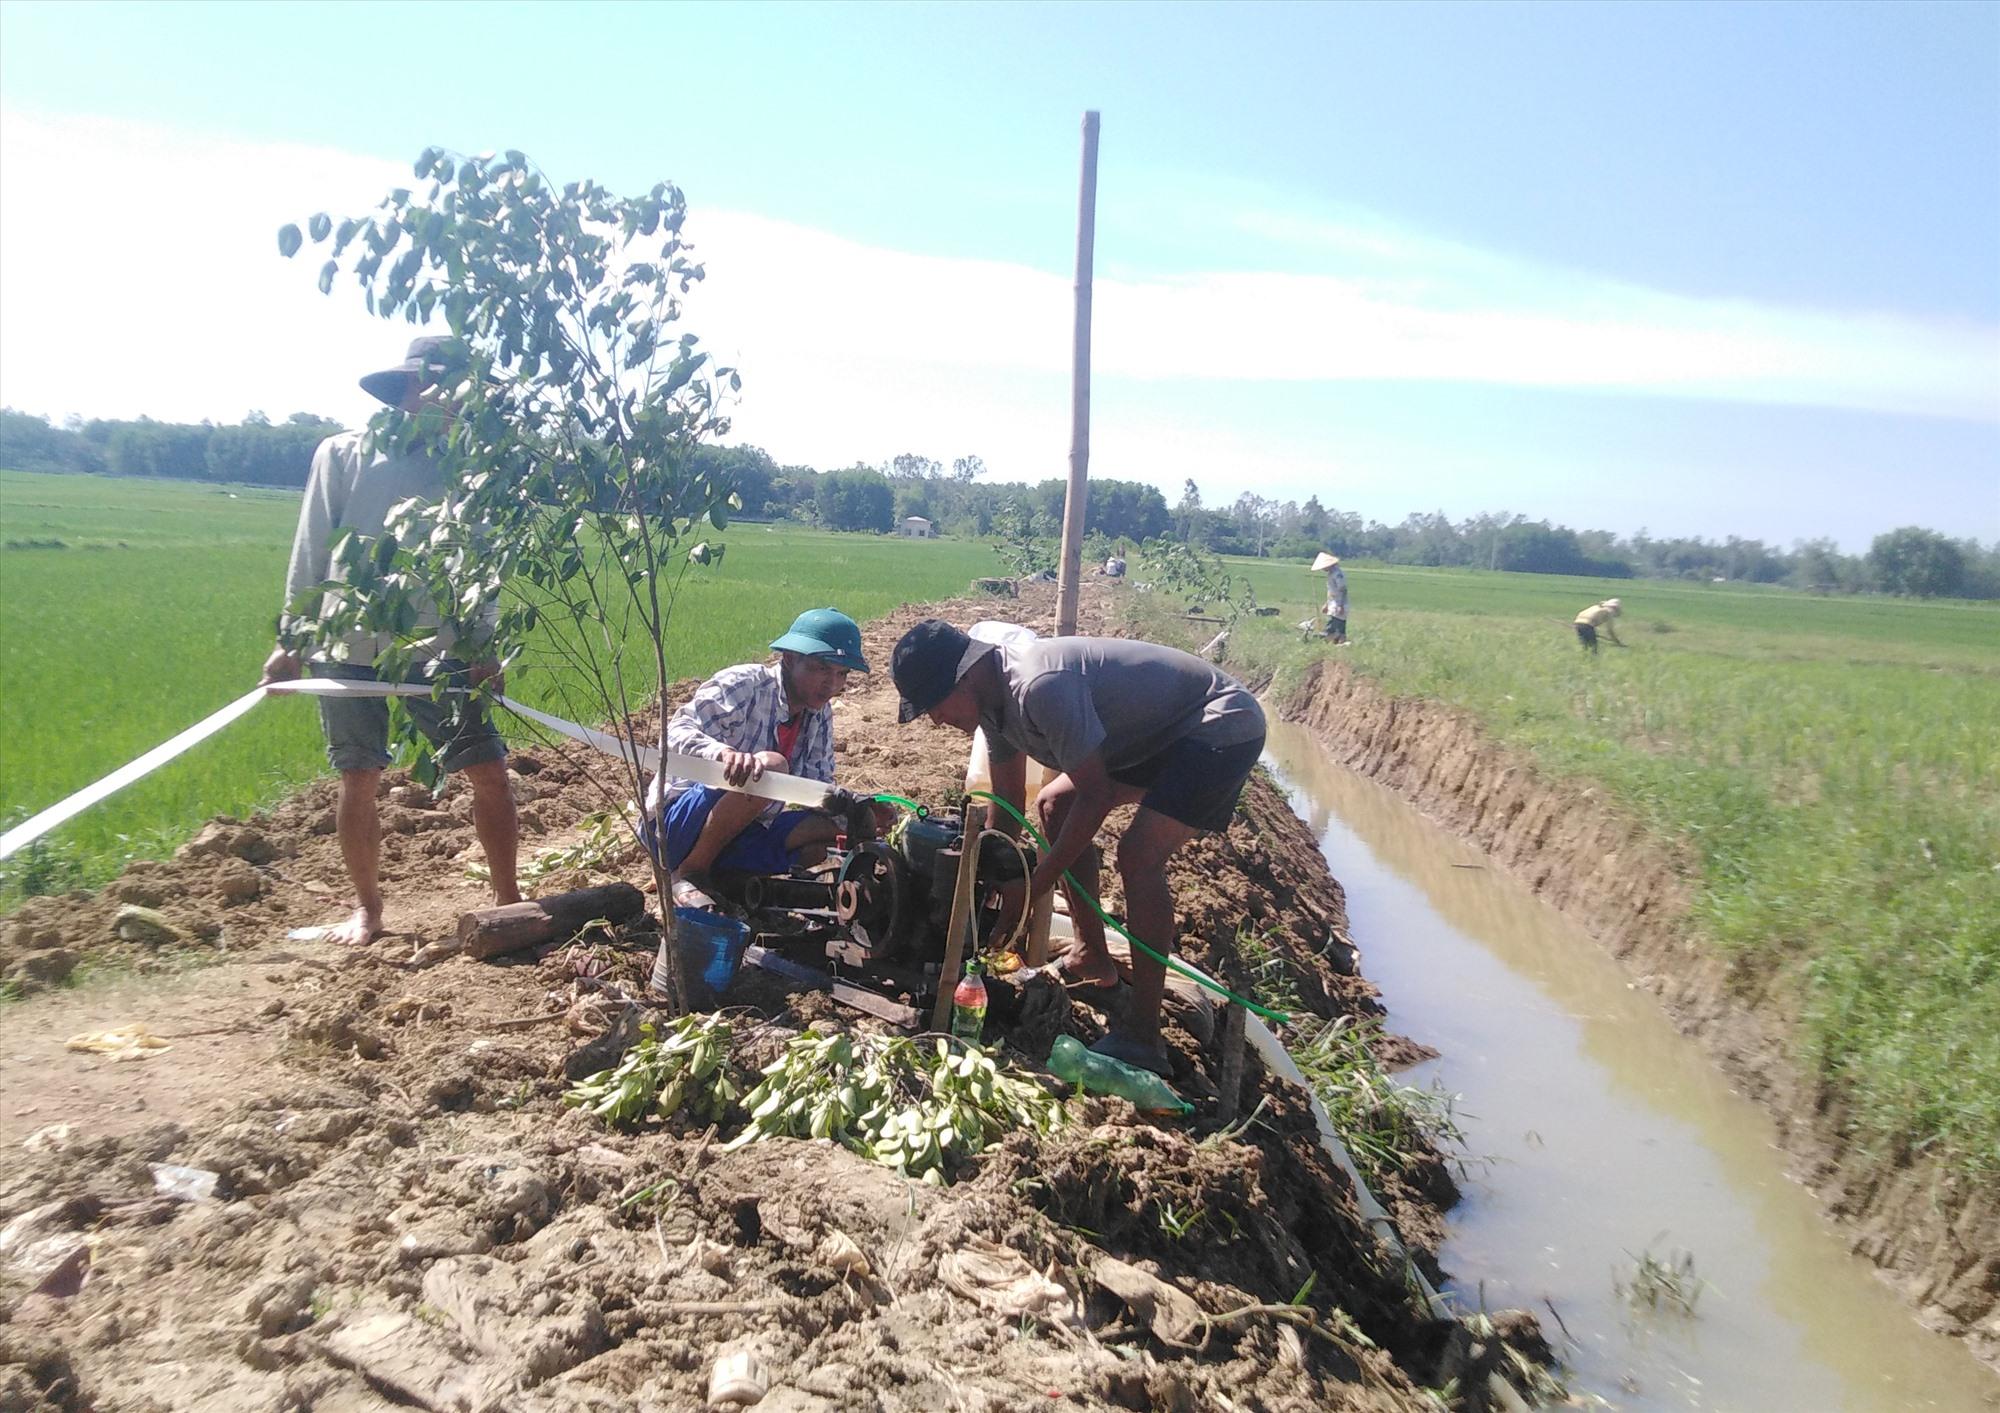 Nắng nóng liên tục, nhiều nông dân chủ động bơm nước để chống hạn cho lúa. Ảnh: T.T